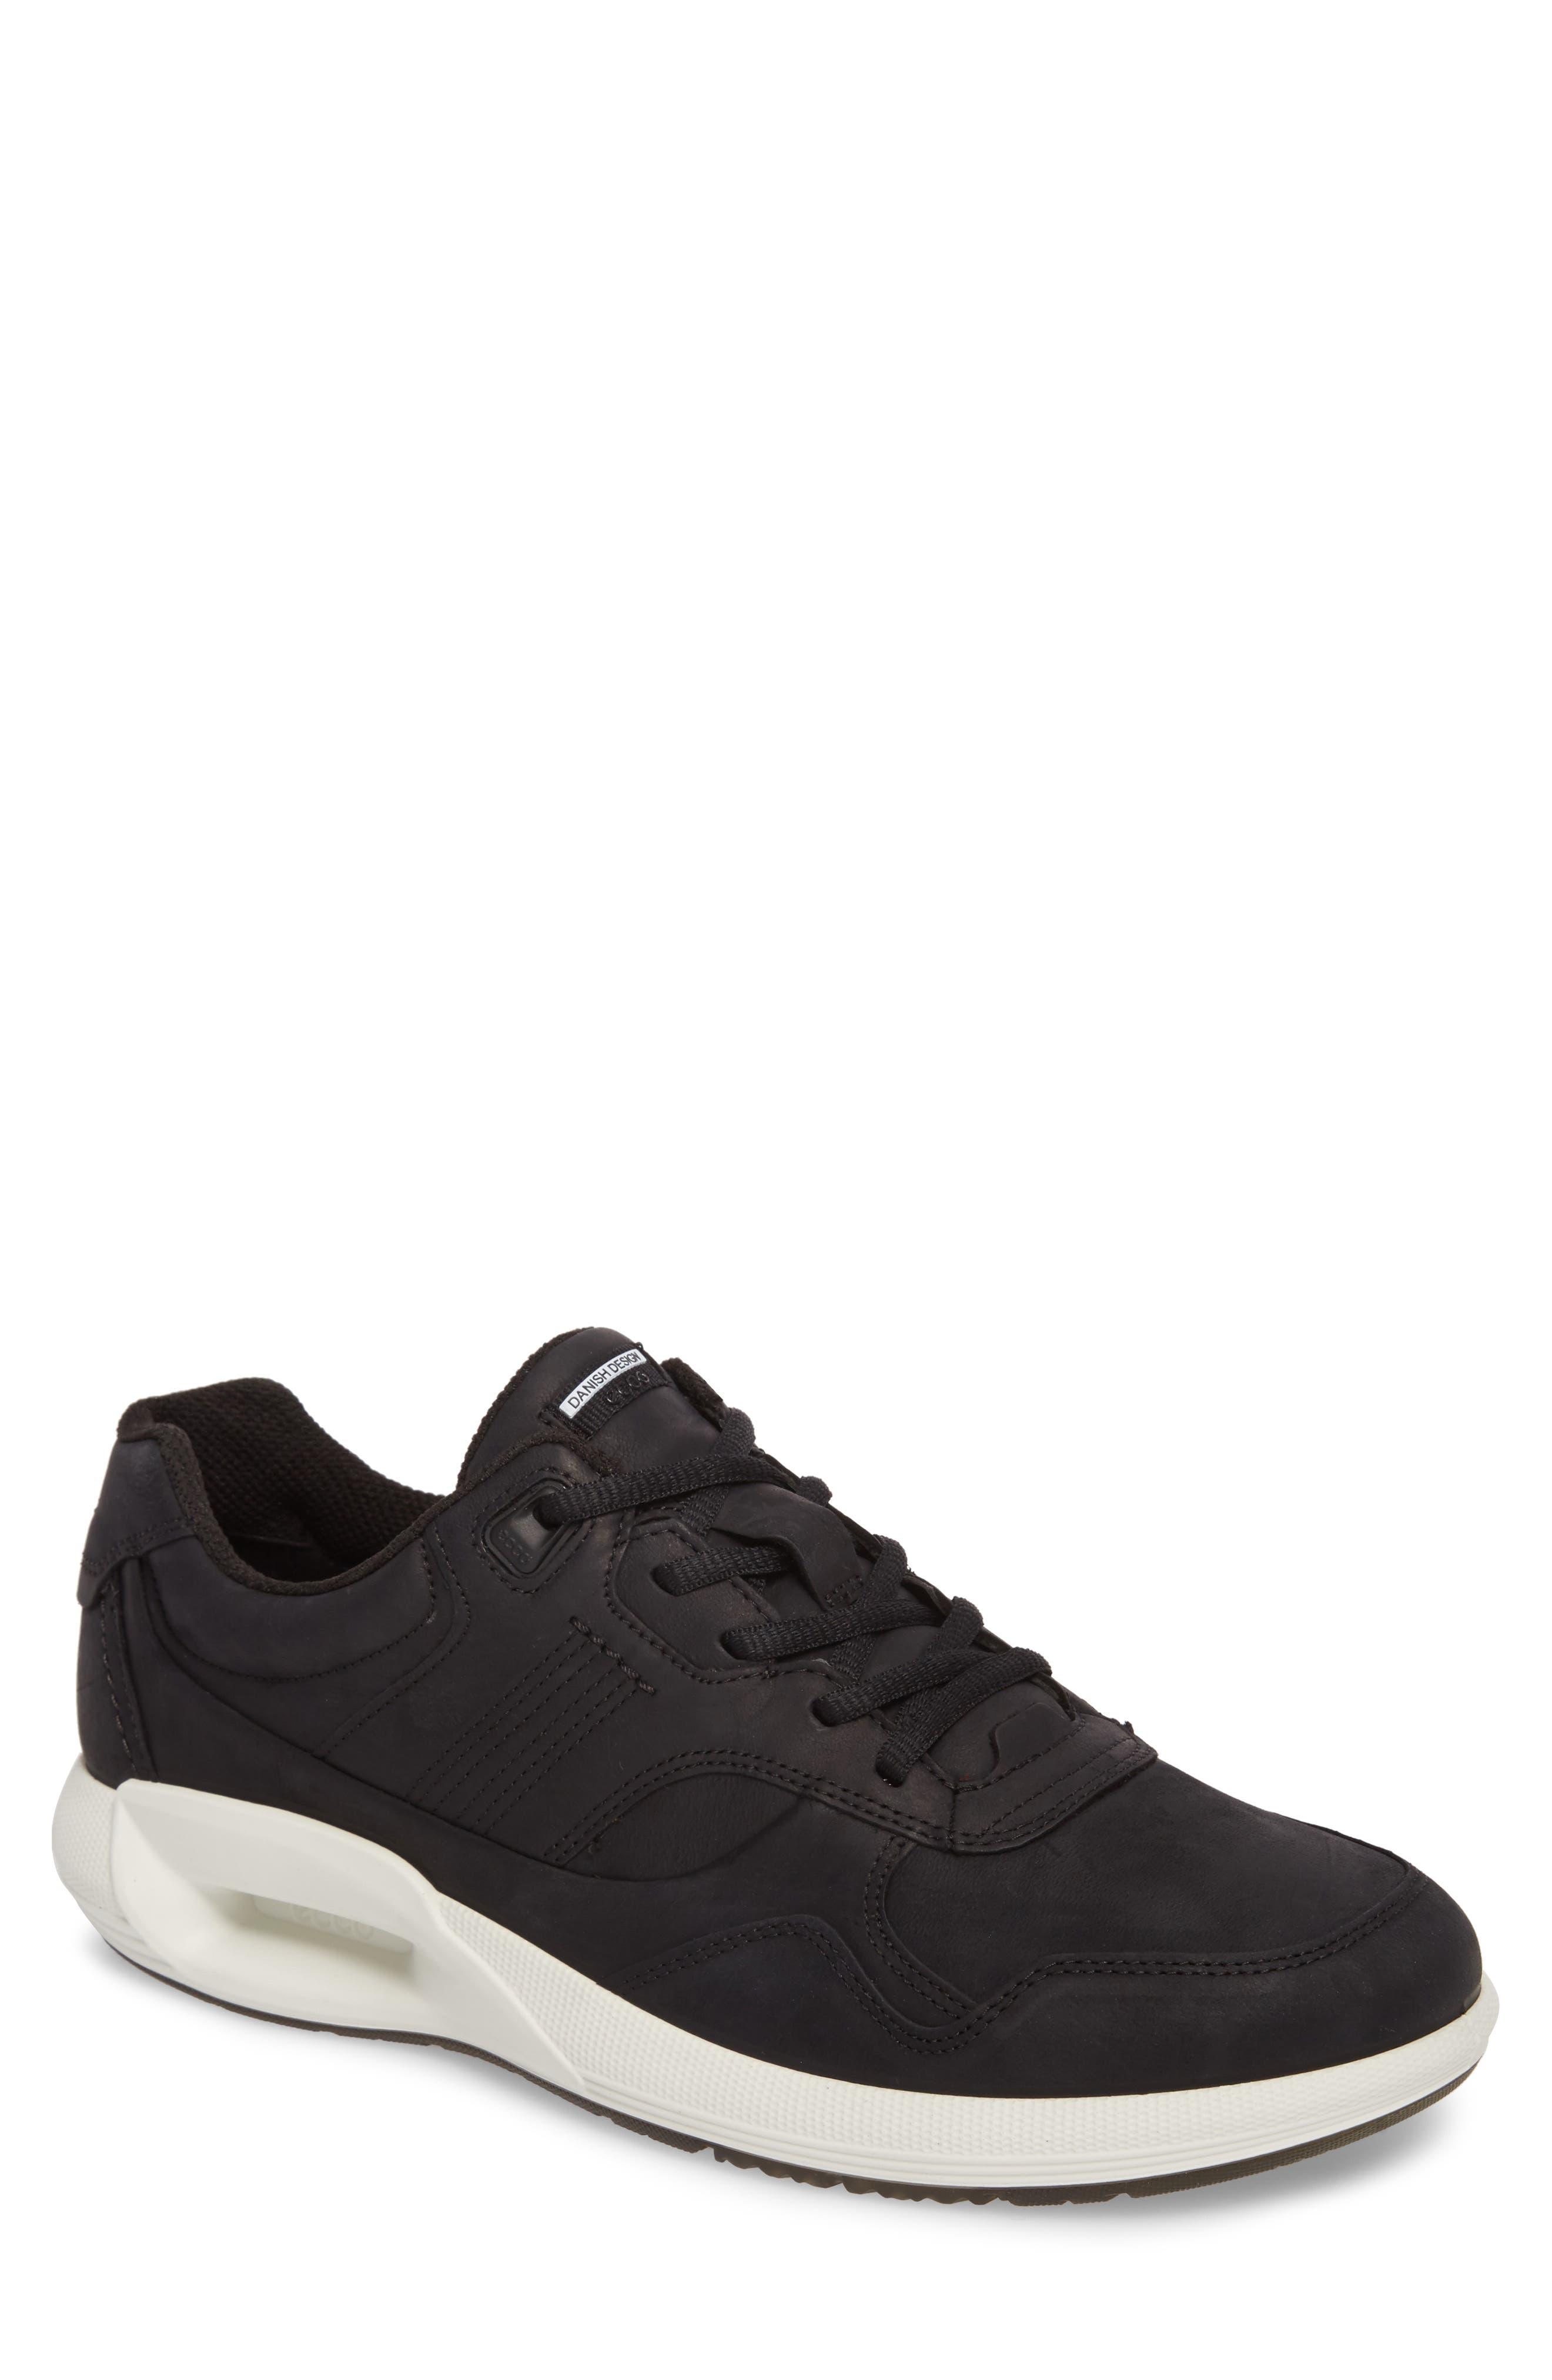 ECCO 'CS16' Sneaker (Men)